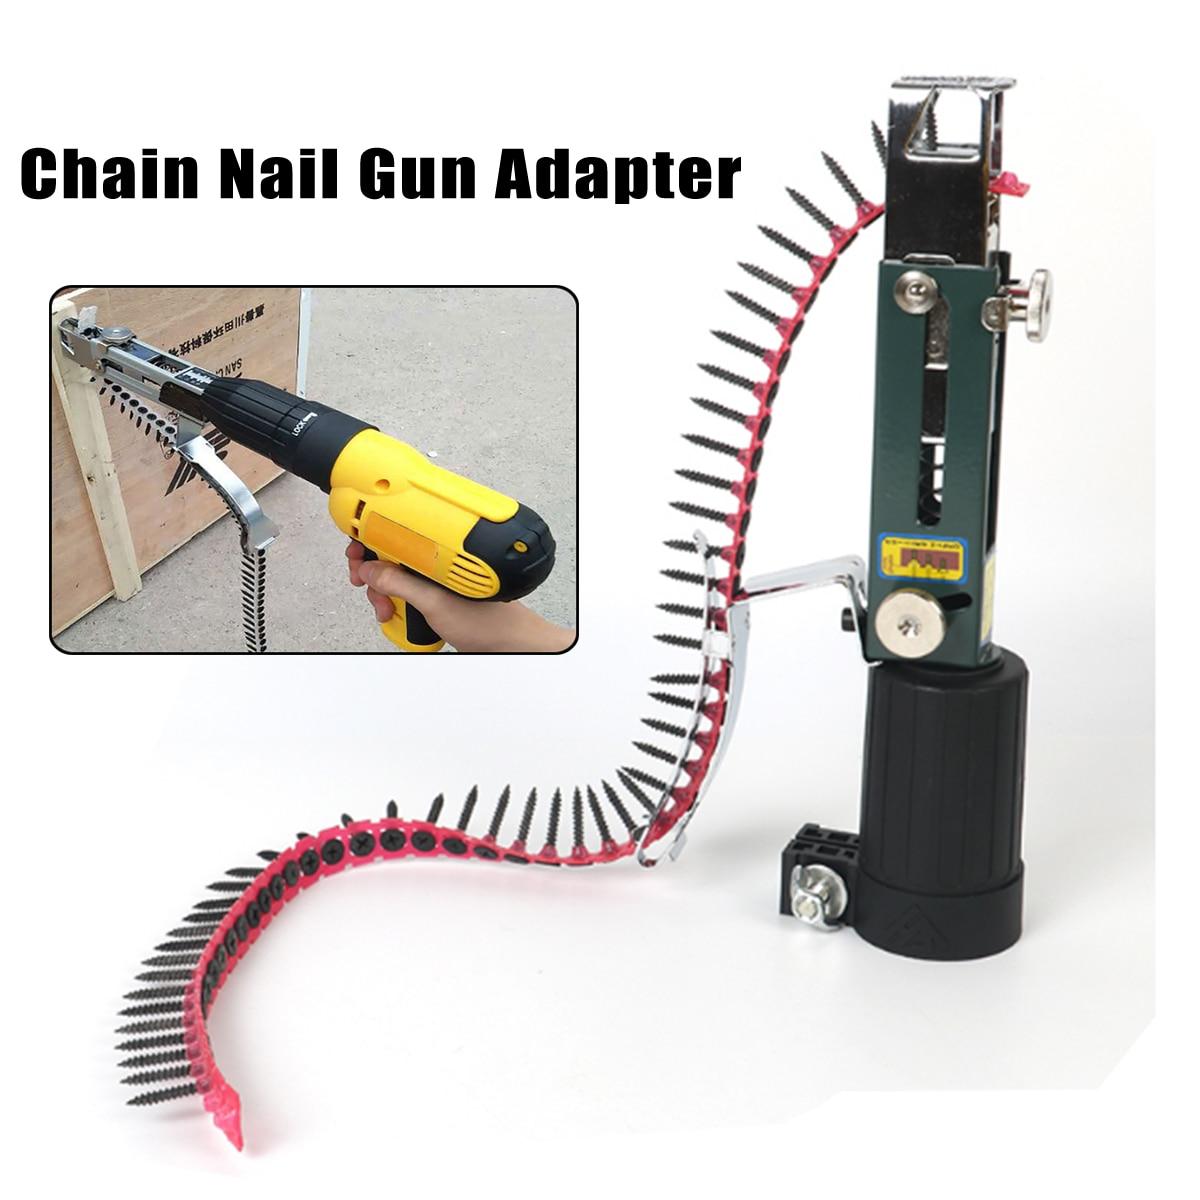 Adaptador de pistola de clavos de cadena automática, 1 unidad, herramienta de taladro eléctrico para carpintería, accesorio de taladro inalámbrico profesional